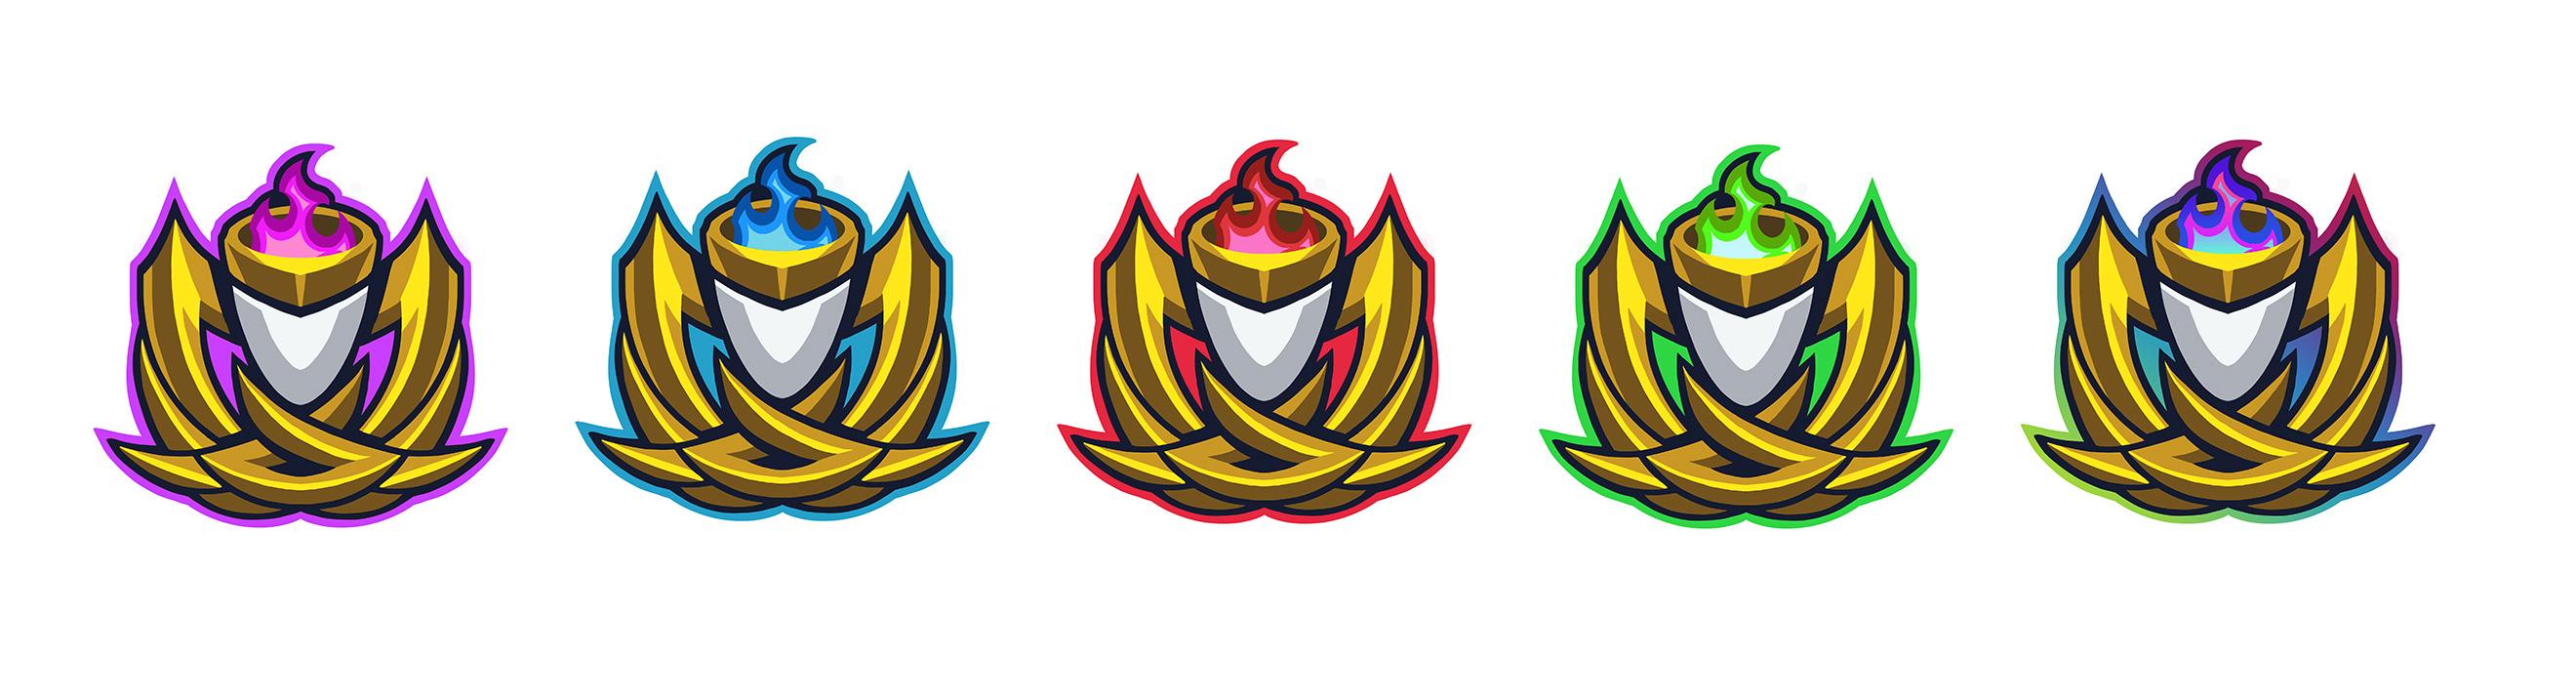 Tier2_Logos.jpg